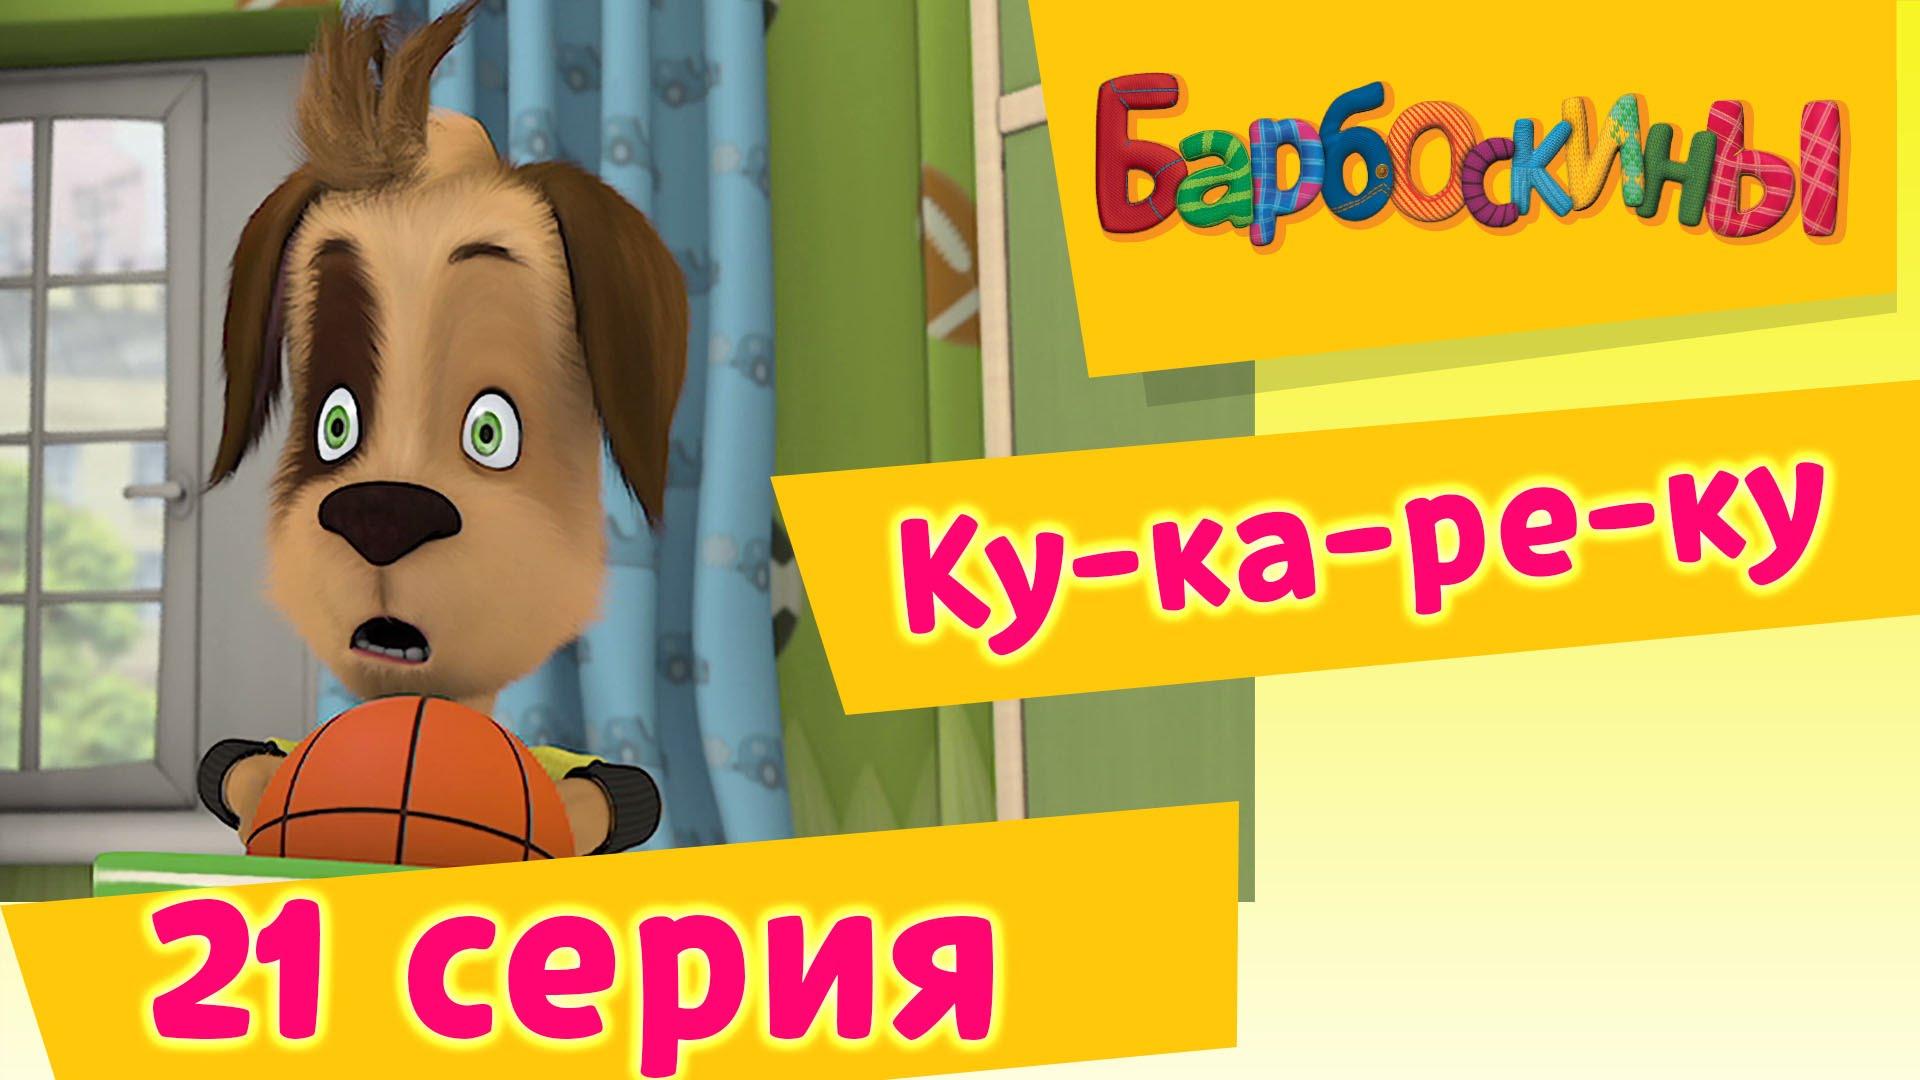 Барбоскины — 21 Серия. Ку-ка-ре-ку